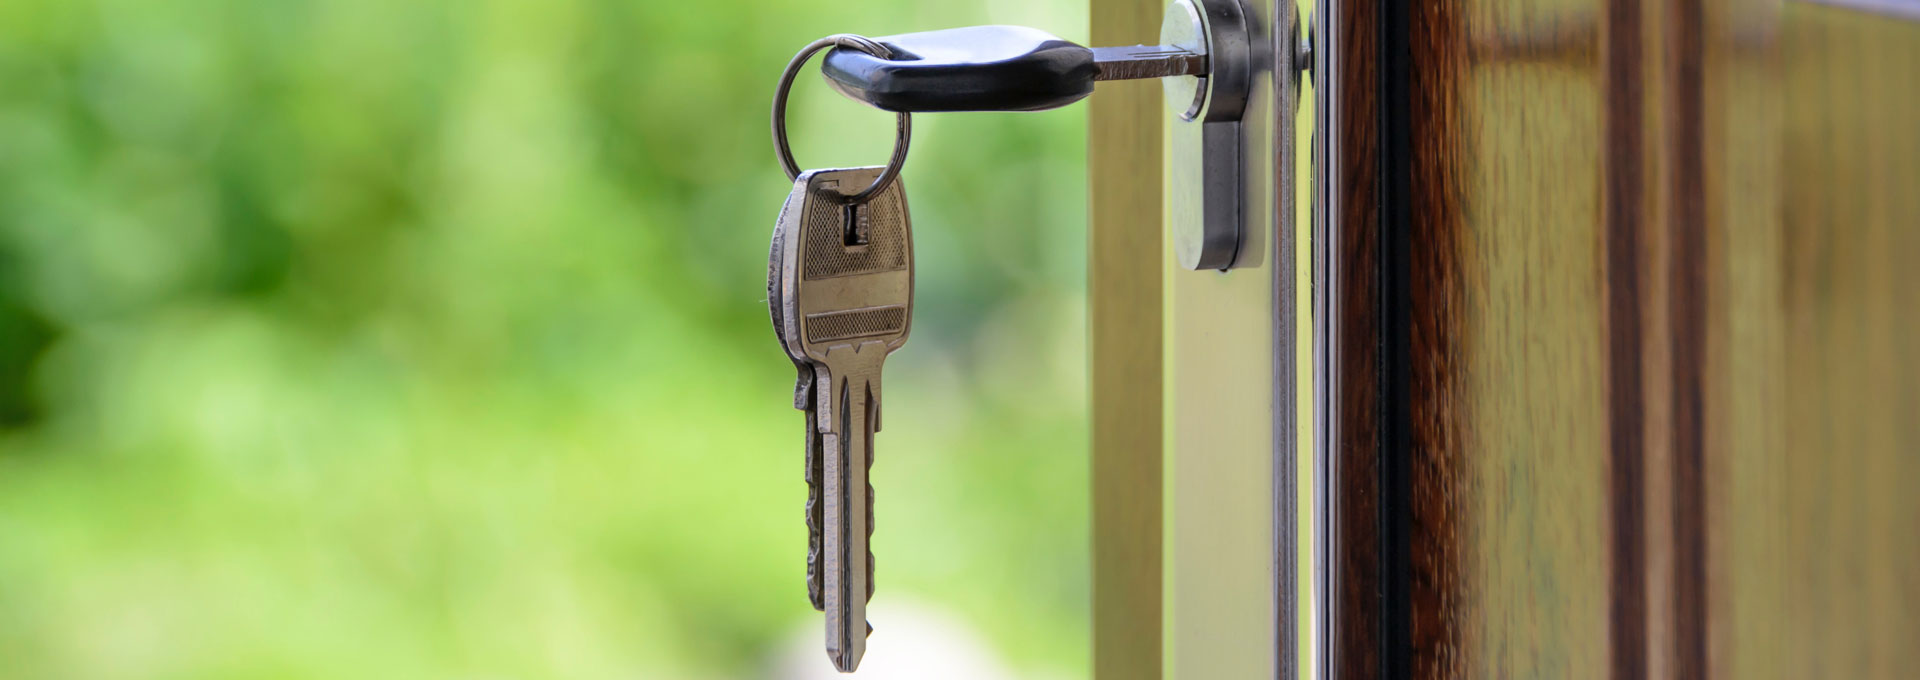 key in front door lock